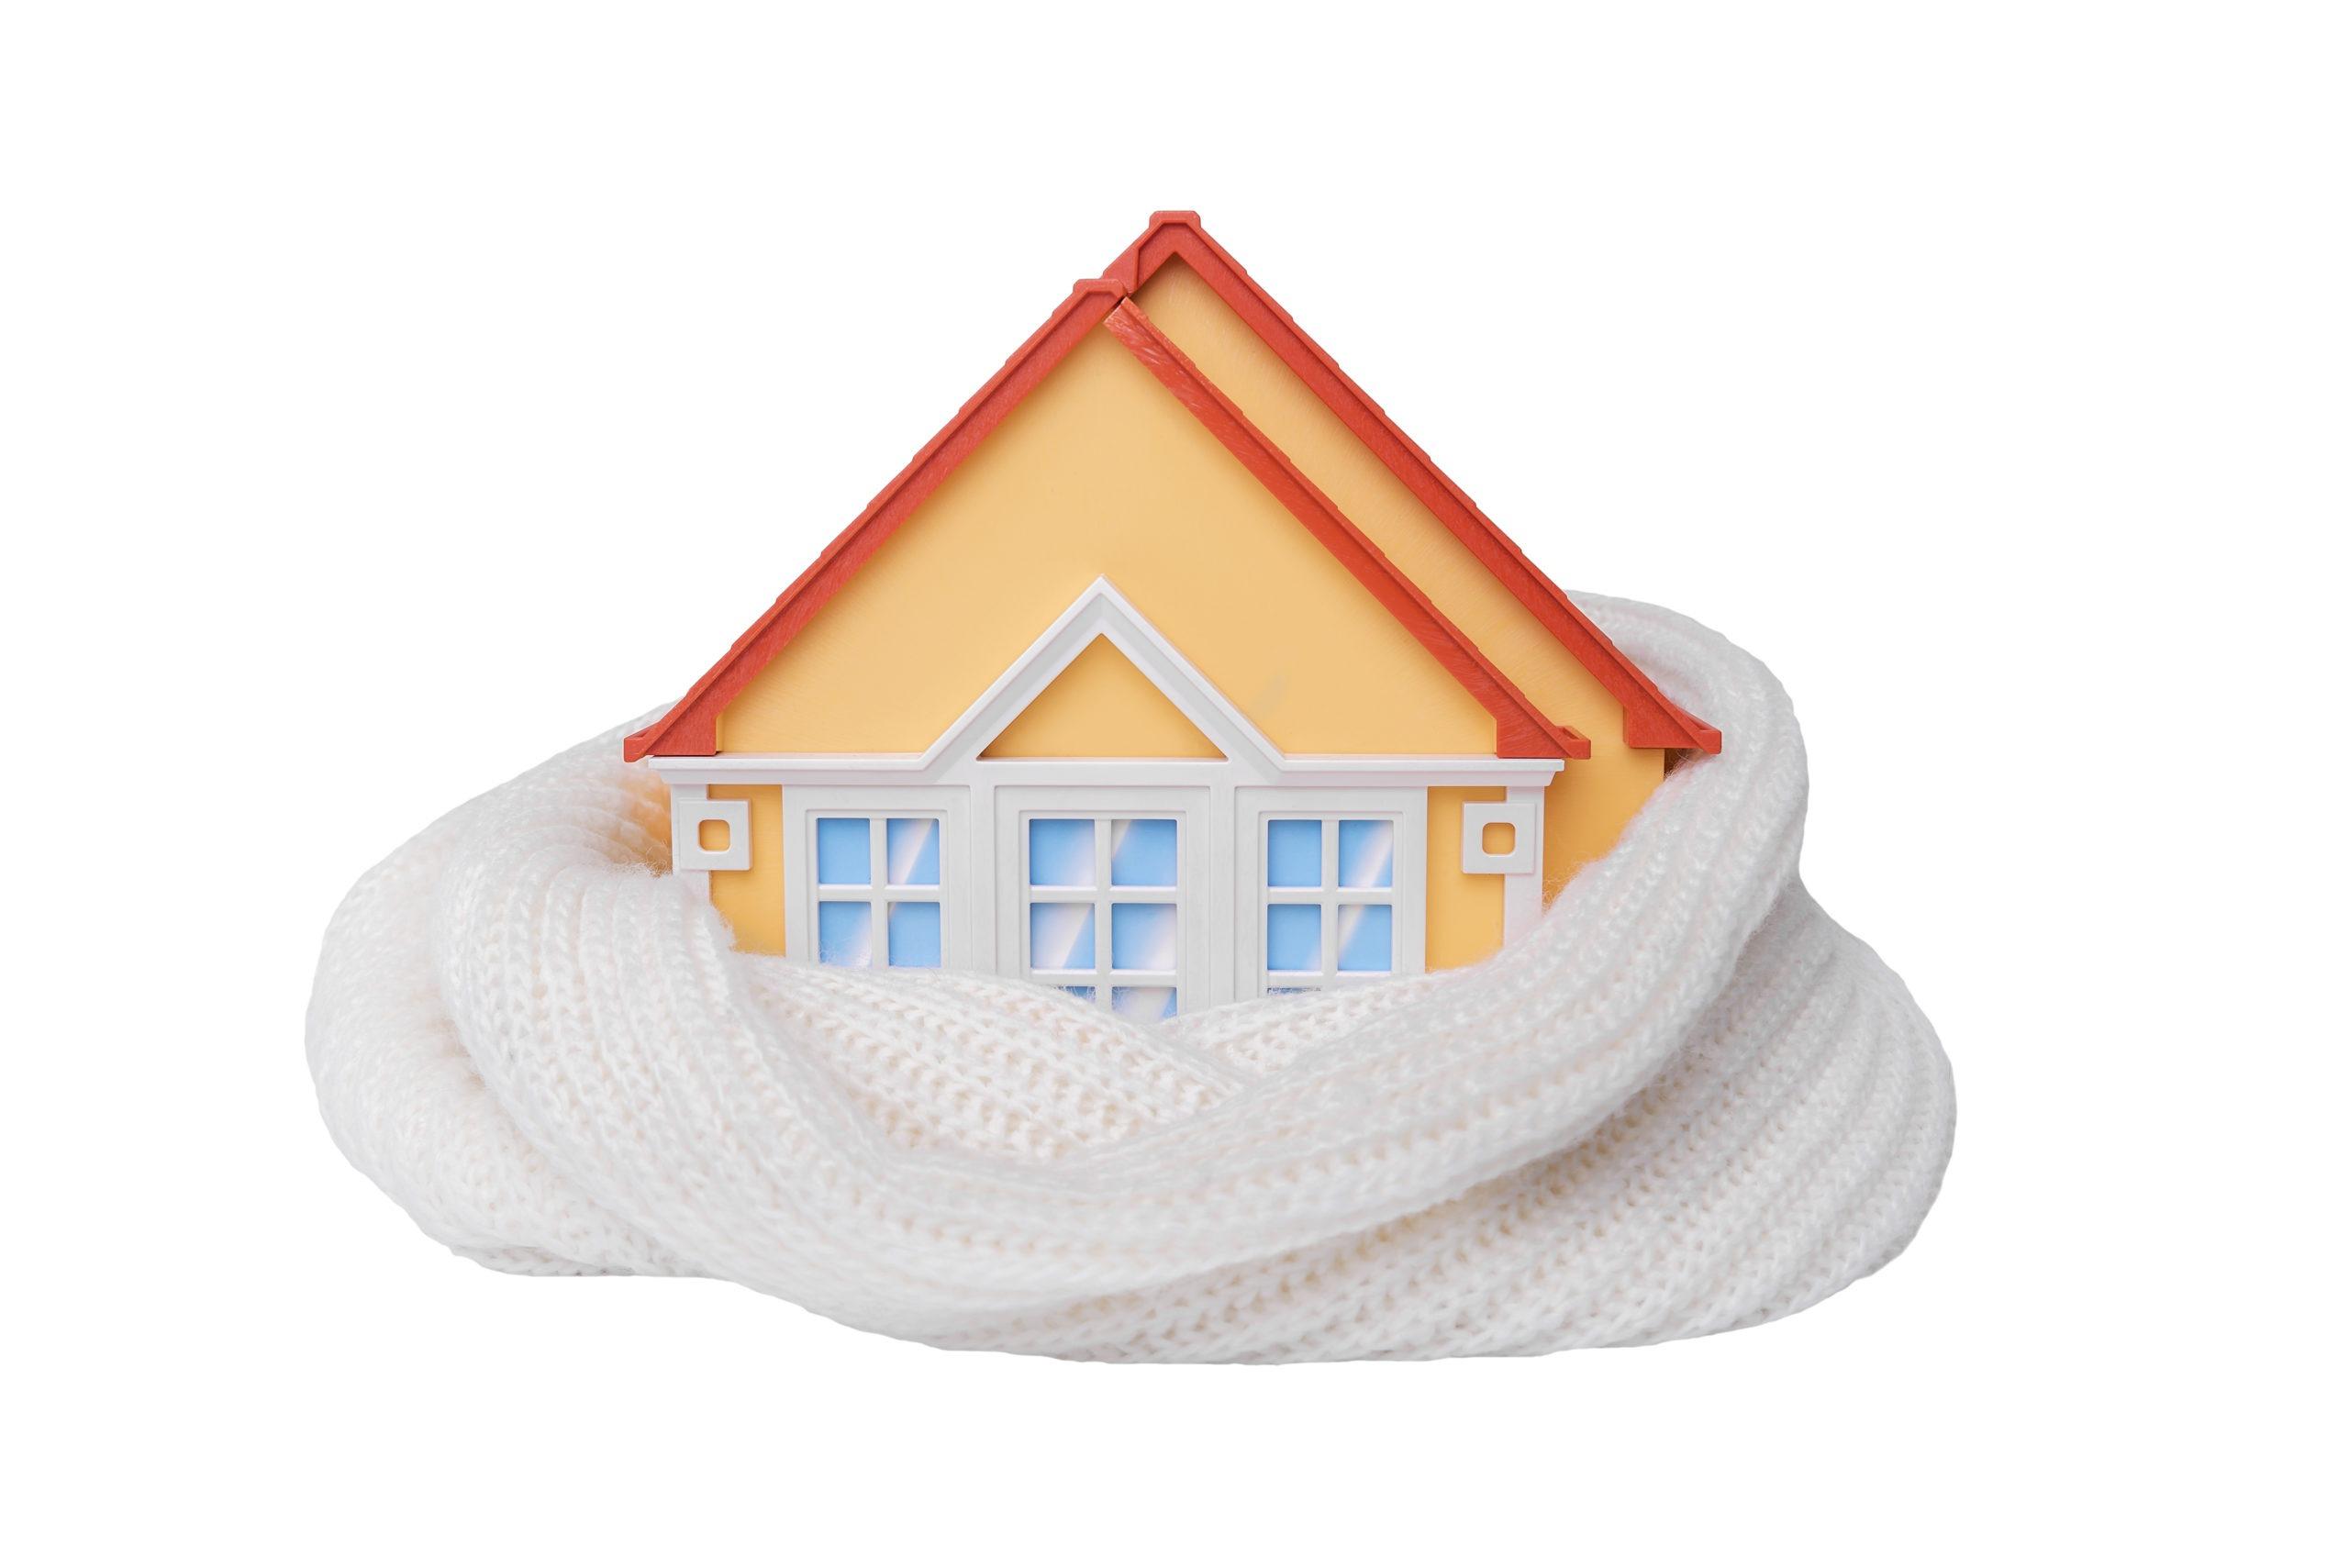 Dom je peine zabalený v šáli.